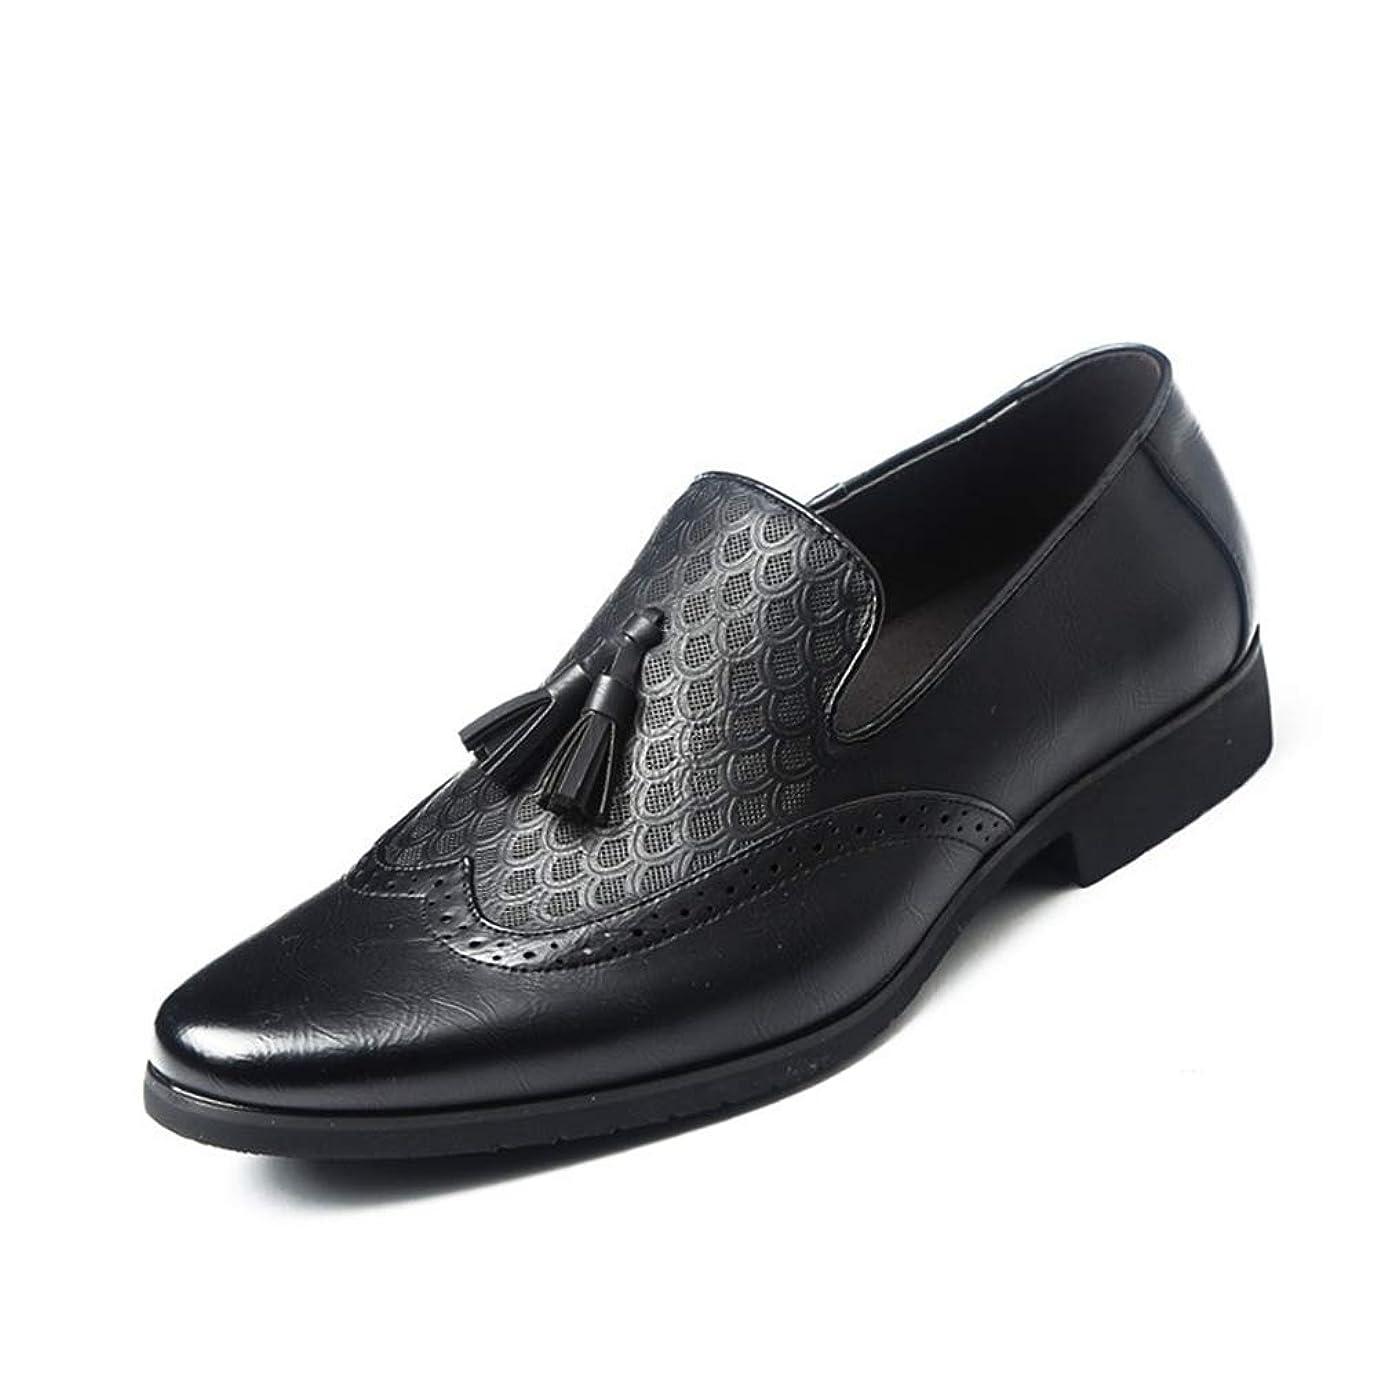 不幸致命的繊維メンズ ドライビングシューズ 滑り止め 軽量 防水 タッセル カジュアル ビジネスシューズ スリッポン ウォーキング シューズ冠婚葬祭 耐摩耗 安全靴 作業靴 紳士靴 ローファー